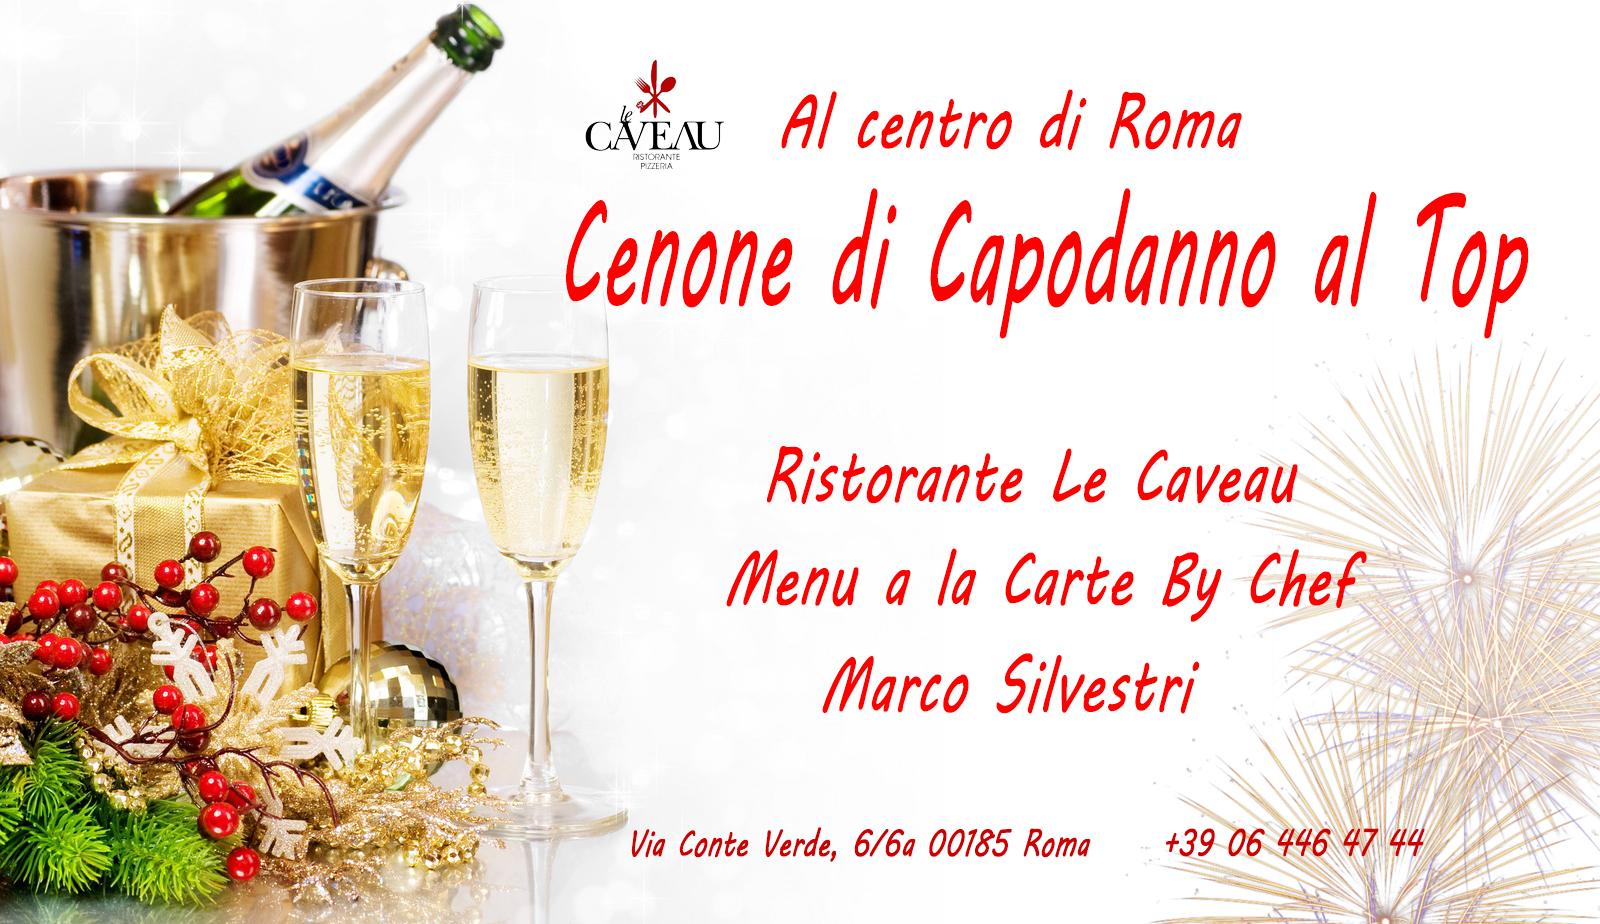 menu-Caveau